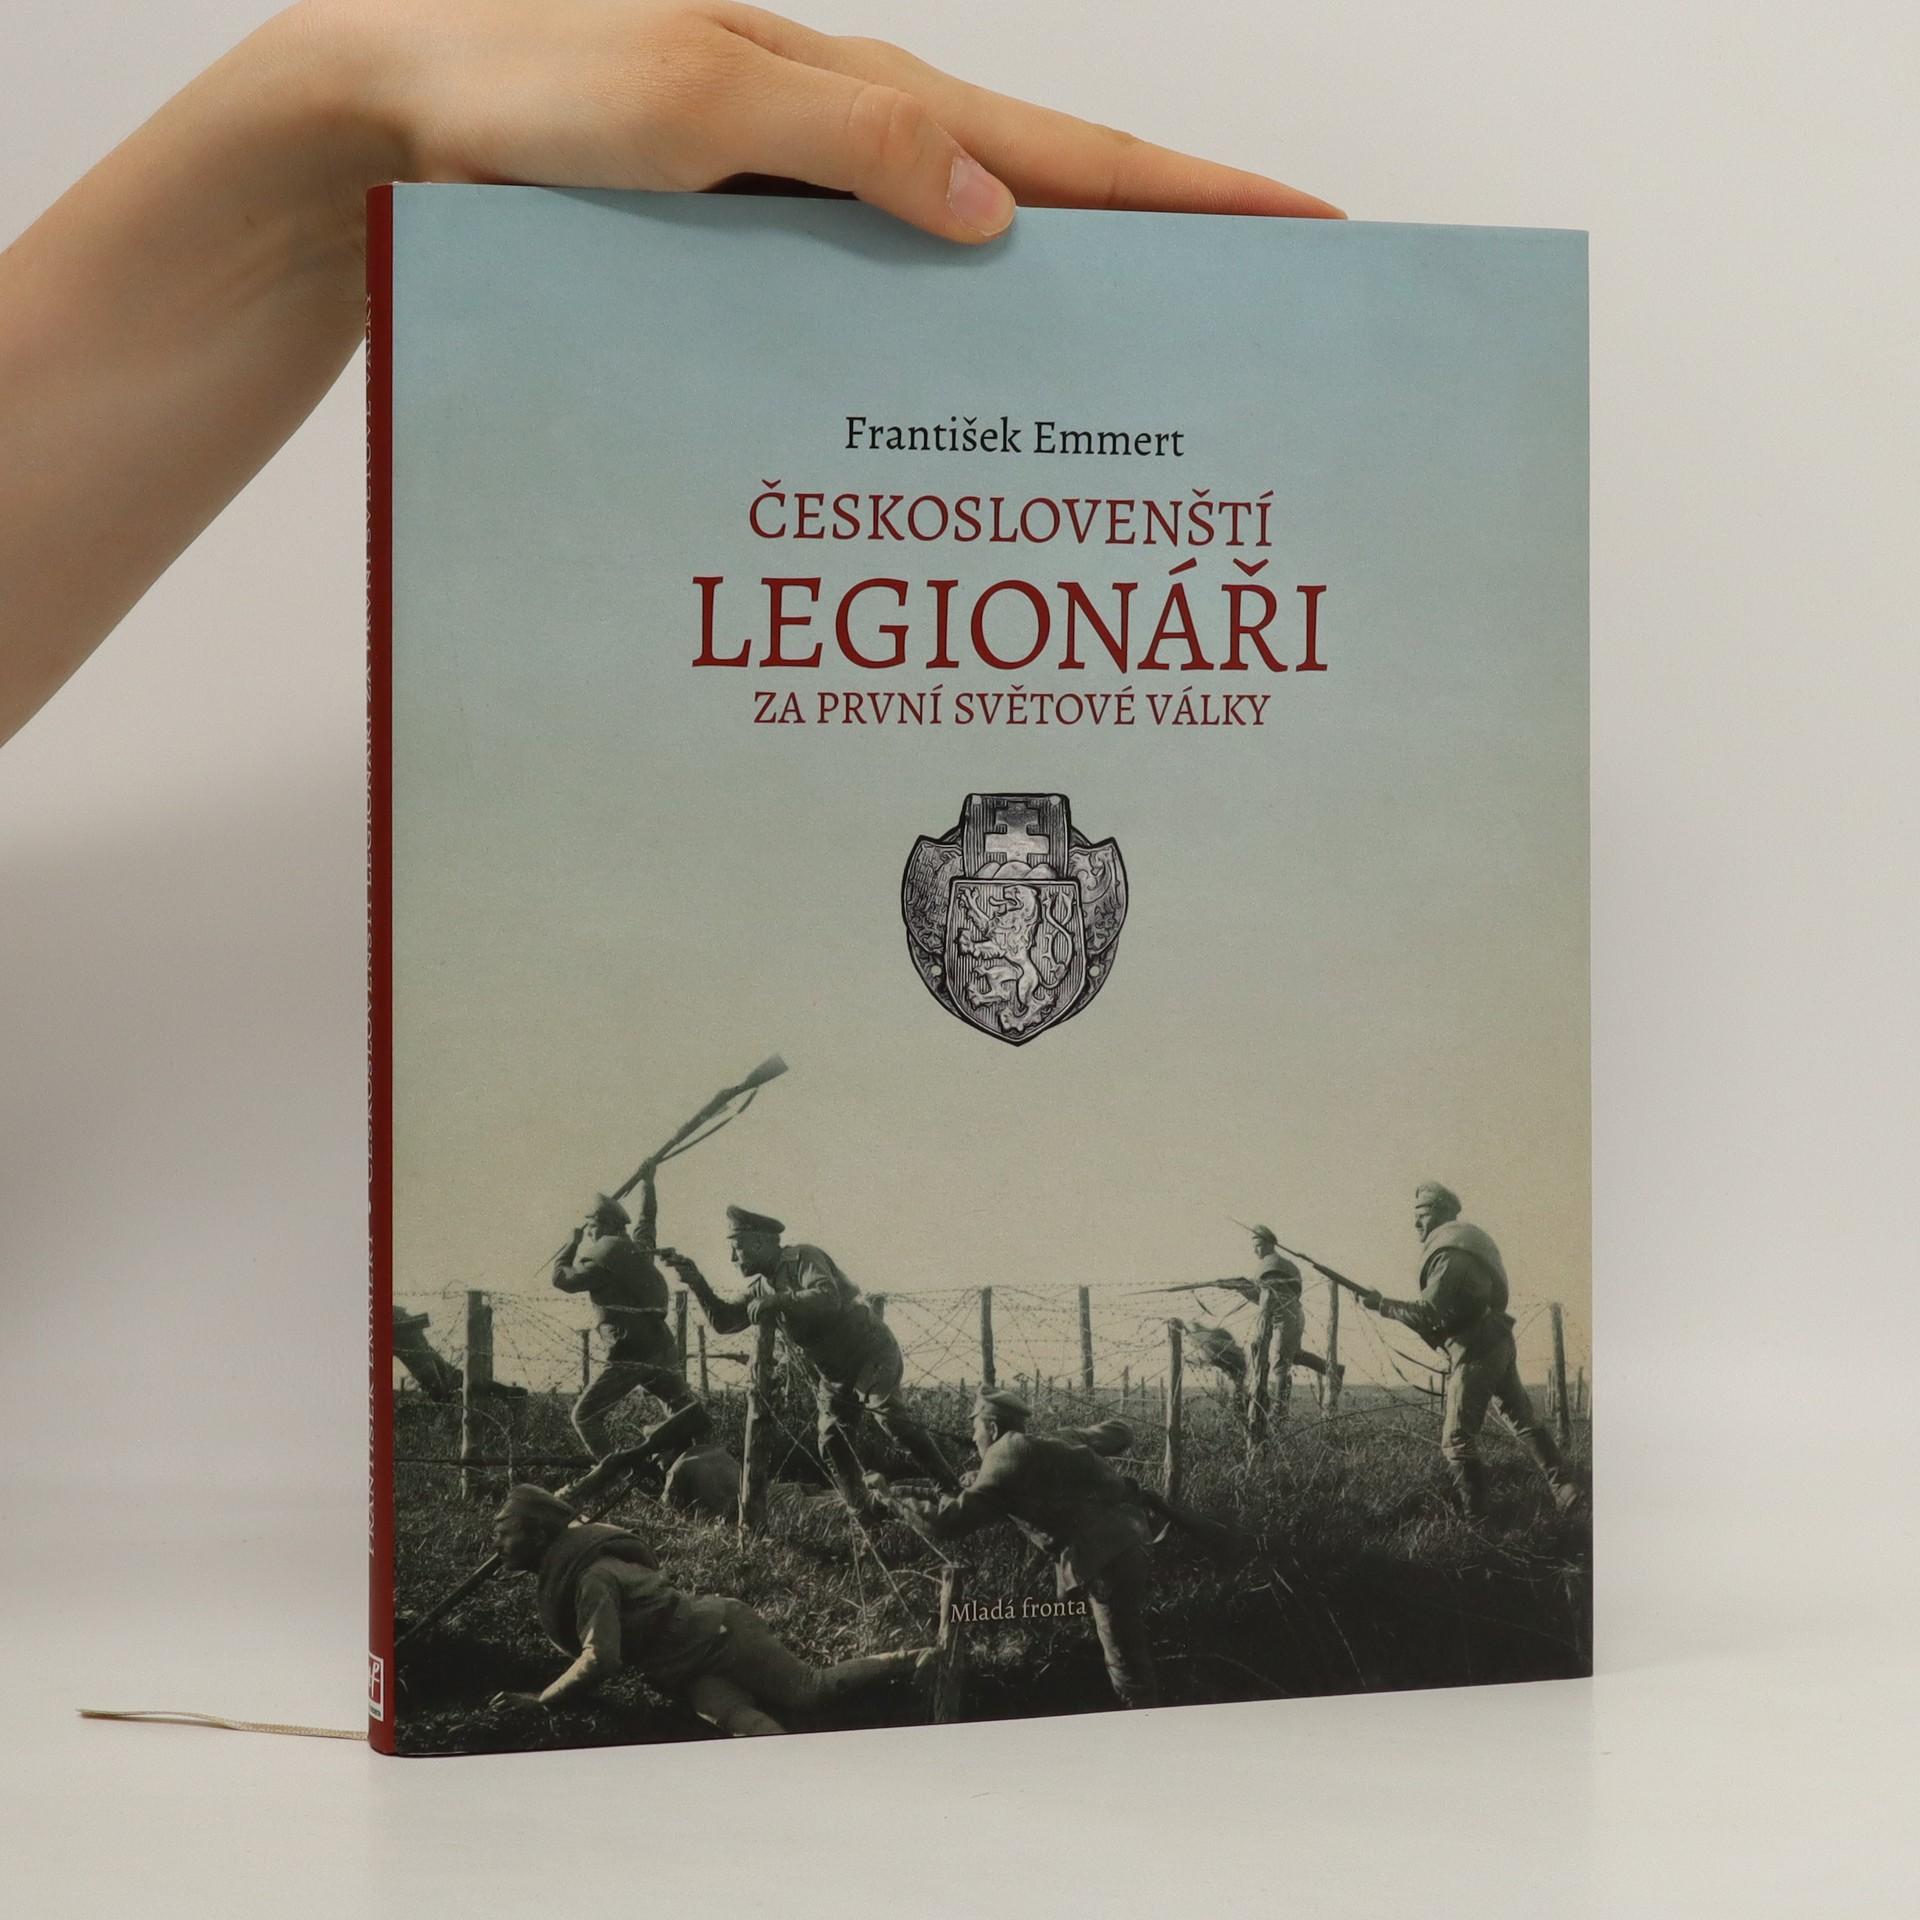 antikvární kniha Českoslovenští legionáři za první světové války, 2014